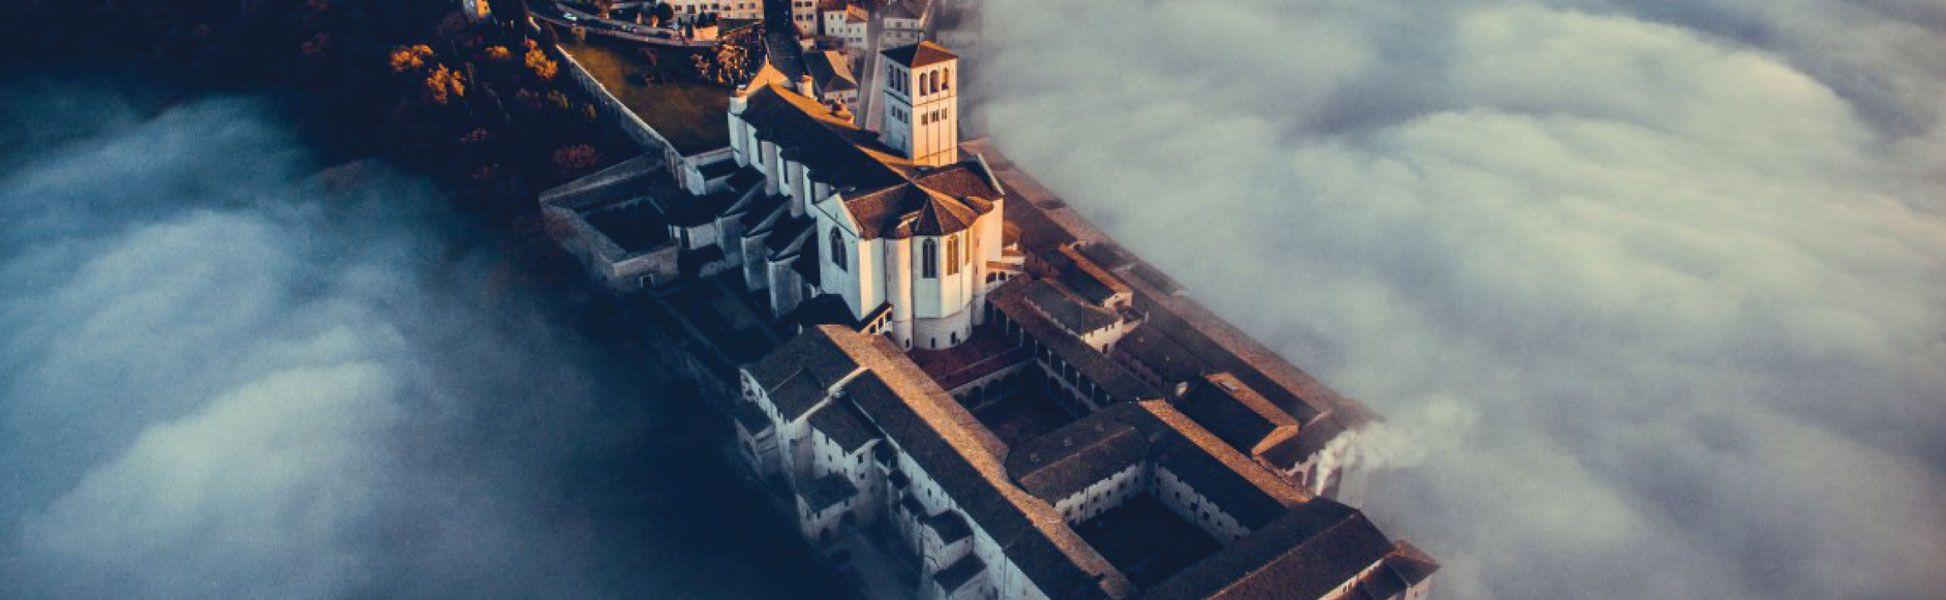 Fotografía de un castillo del curso audiovisual con drones